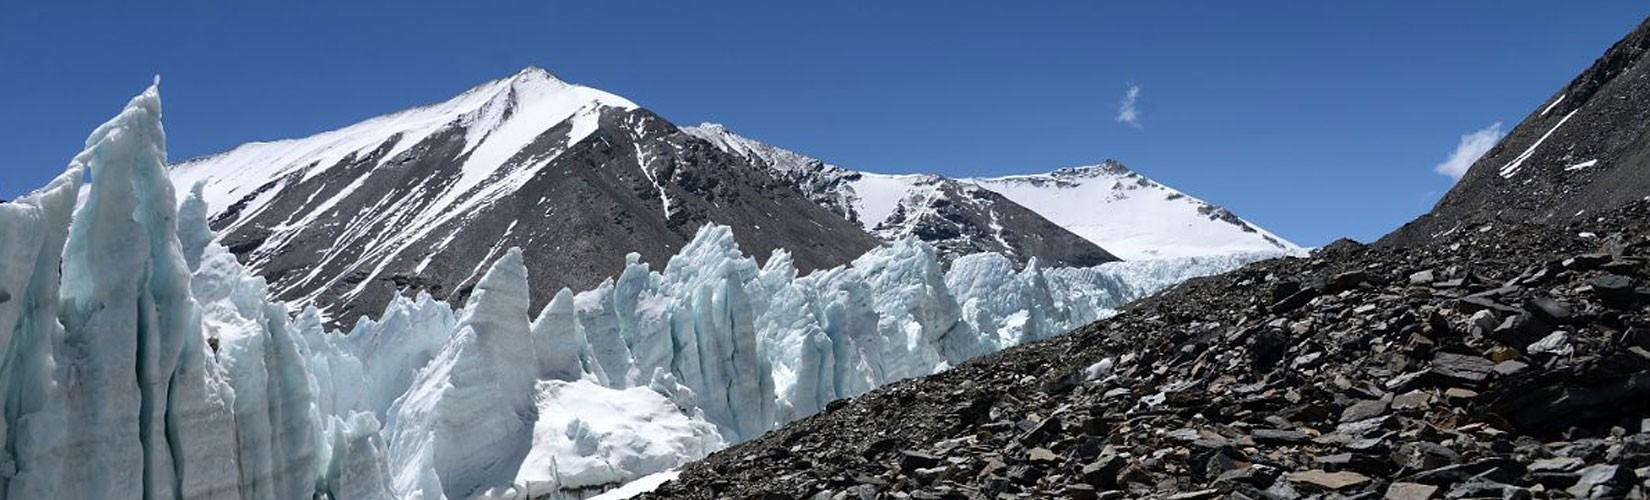 Everest East Trek